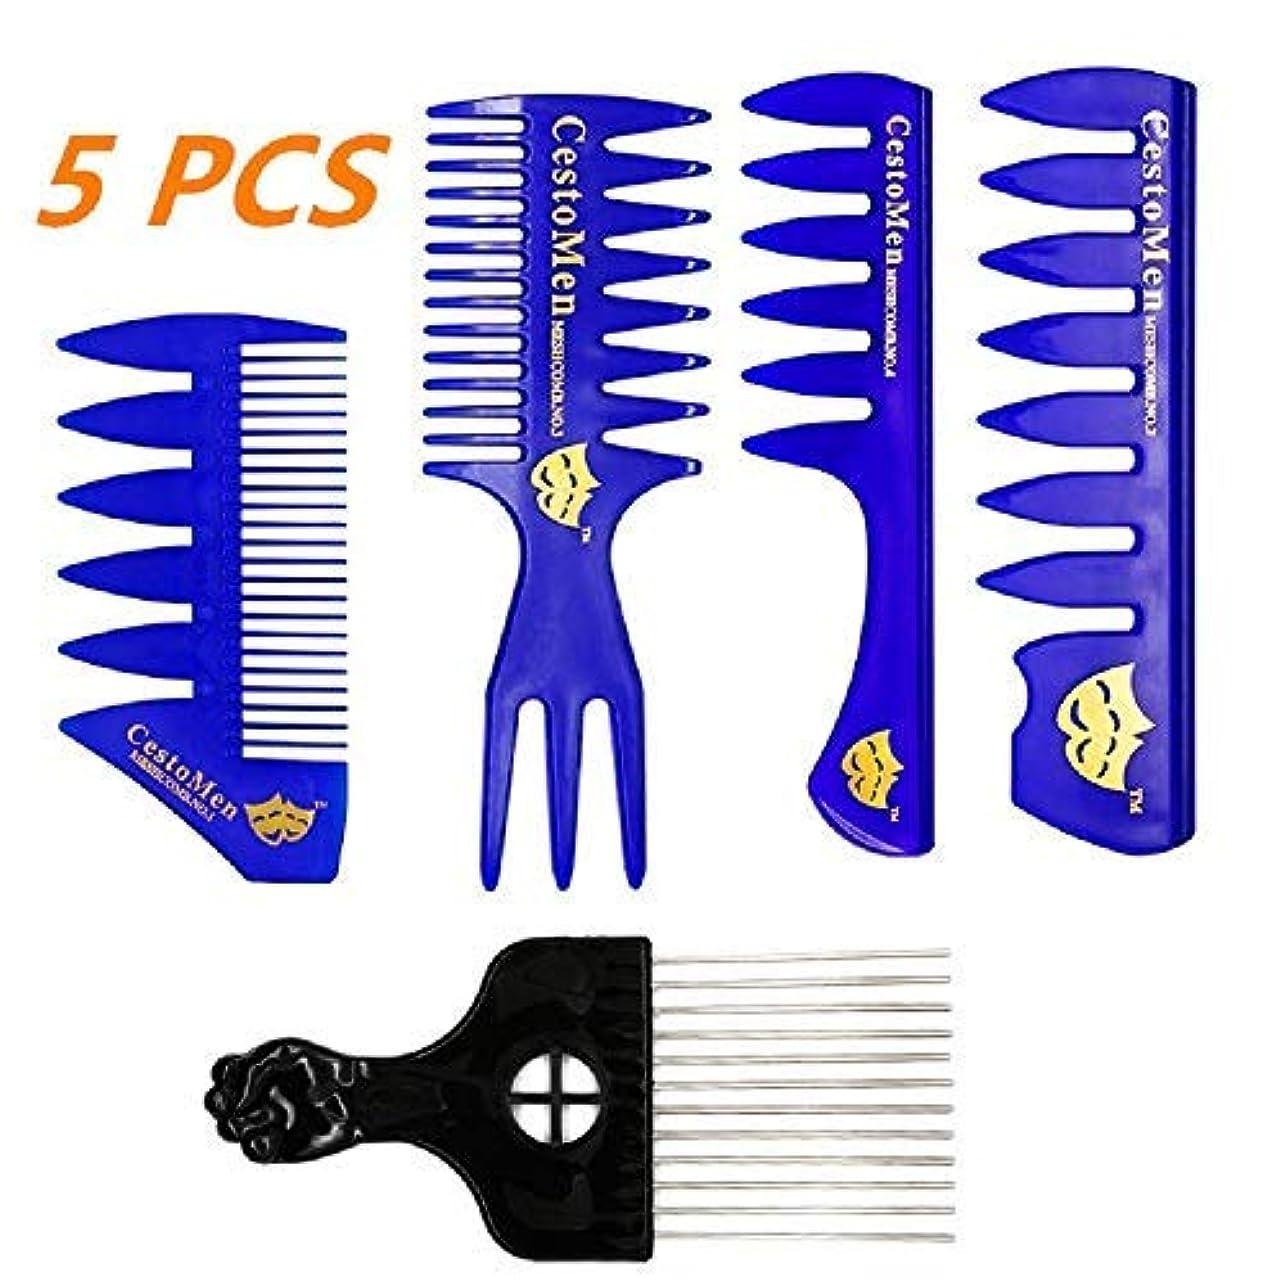 洗うグラフィック植物学5 PCS Hair Comb Styling Set, Afro Pick Hair & Retro Hairstyle Wet Combs Professional Barber Tool (Blue & Black...